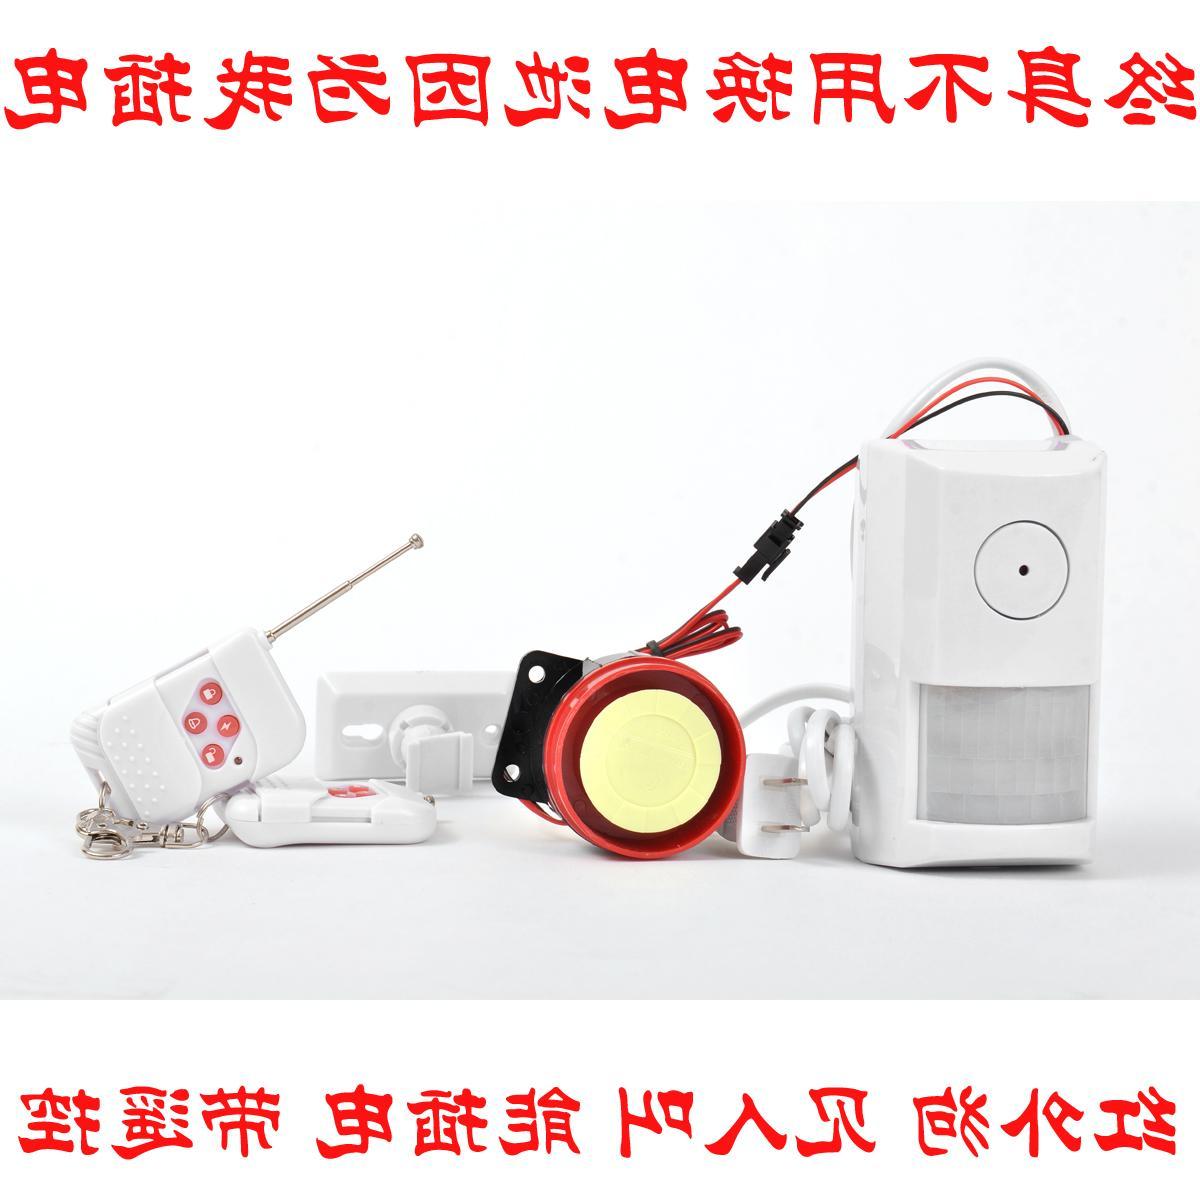 实用小型遥控红外线报警器插电家用防盗防盗器家庭警报店铺安防